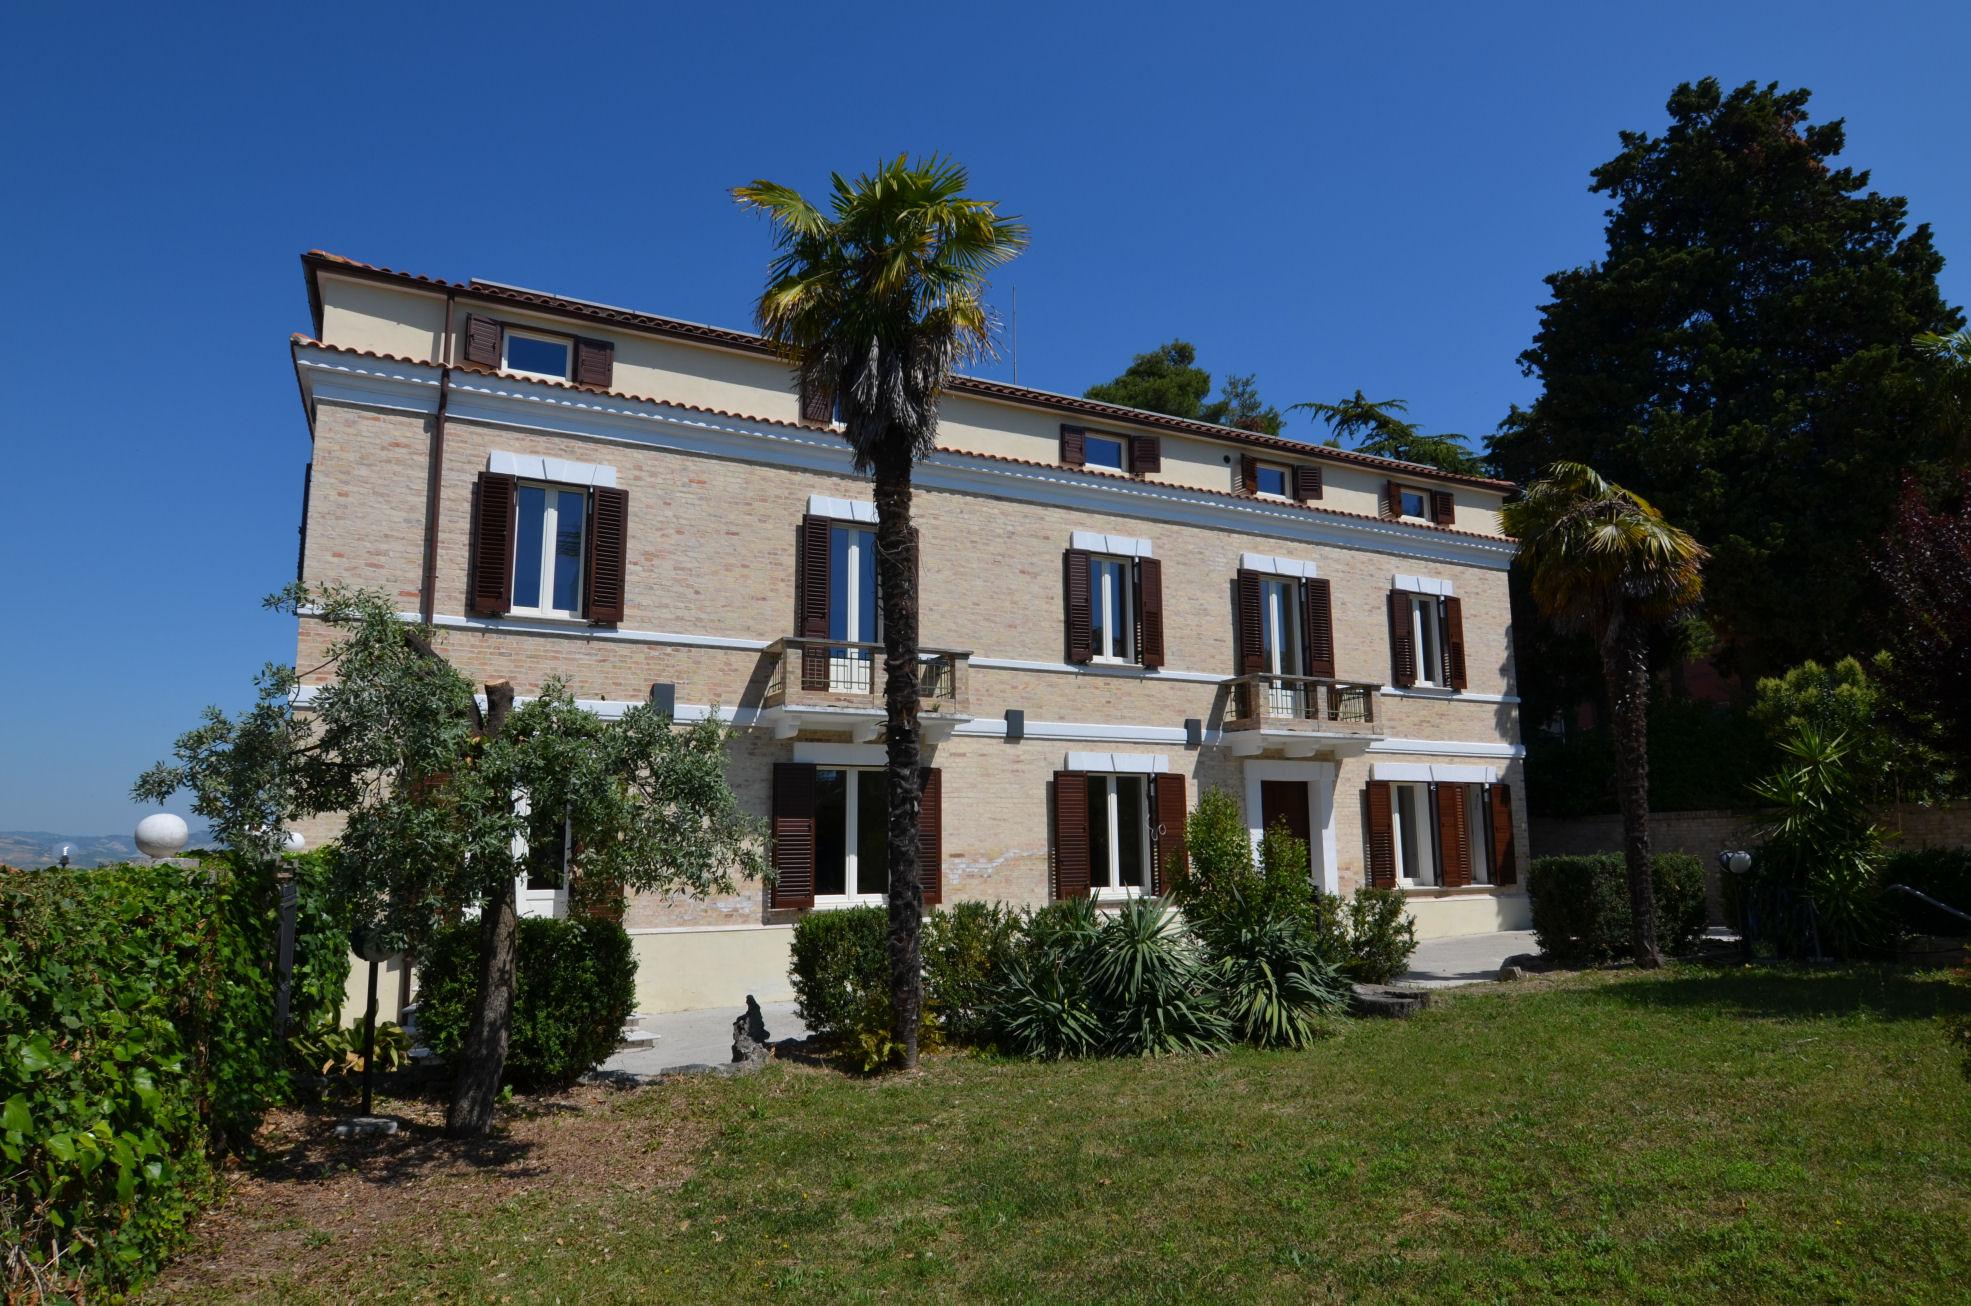 Villa in vendita a Ancarano, 9 locali, zona Località: Centrale/CentroStorico, prezzo € 599.000 | CambioCasa.it